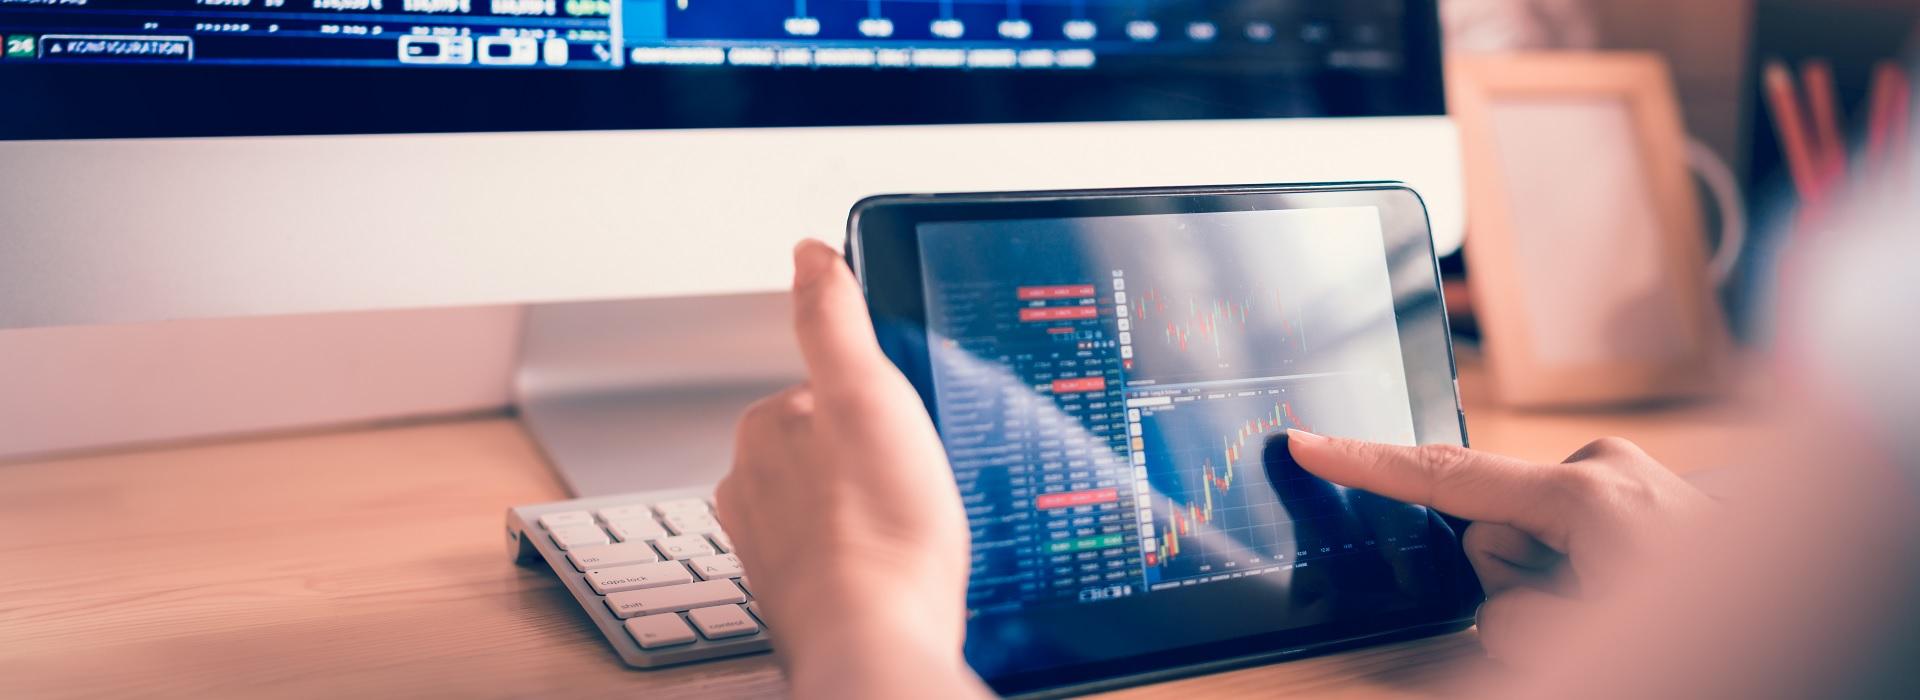 四大風險引發美股下殺,現在究竟是低接買點還是崩跌起點?